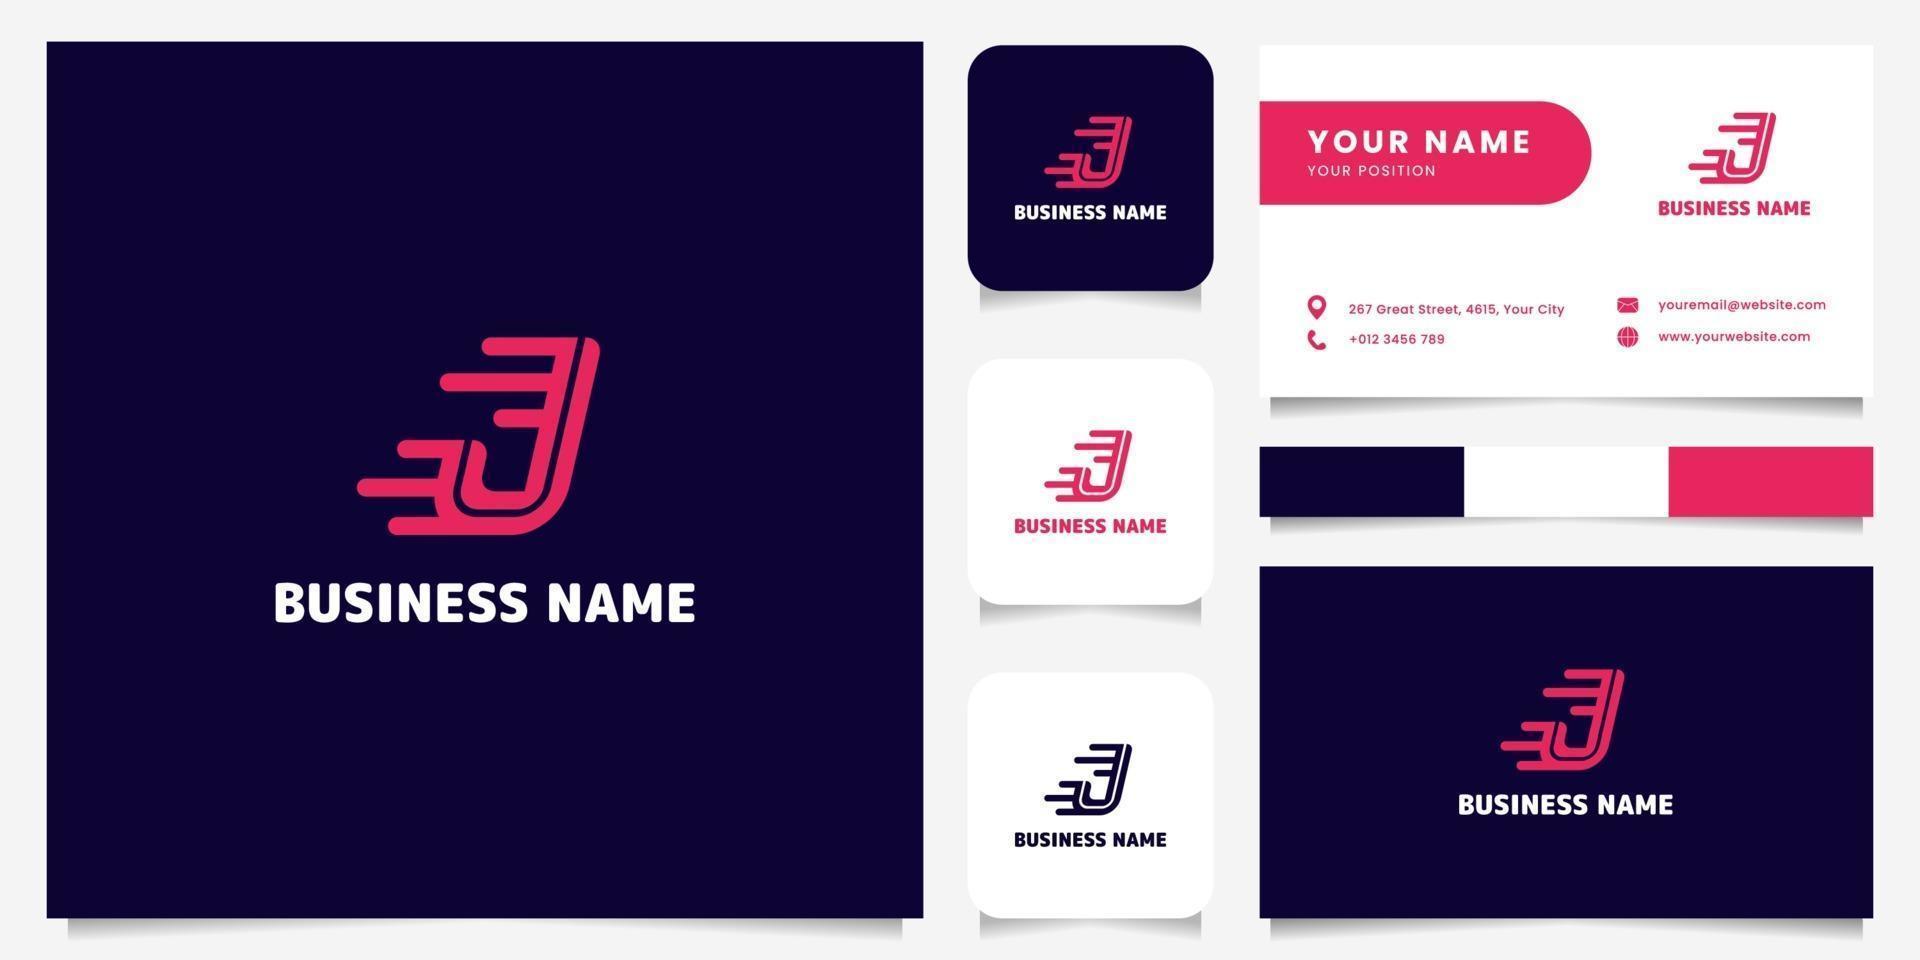 eenvoudig en minimalistisch helderroze letter j snelheid logo in donkere achtergrond logo met sjabloon voor visitekaartjes vector